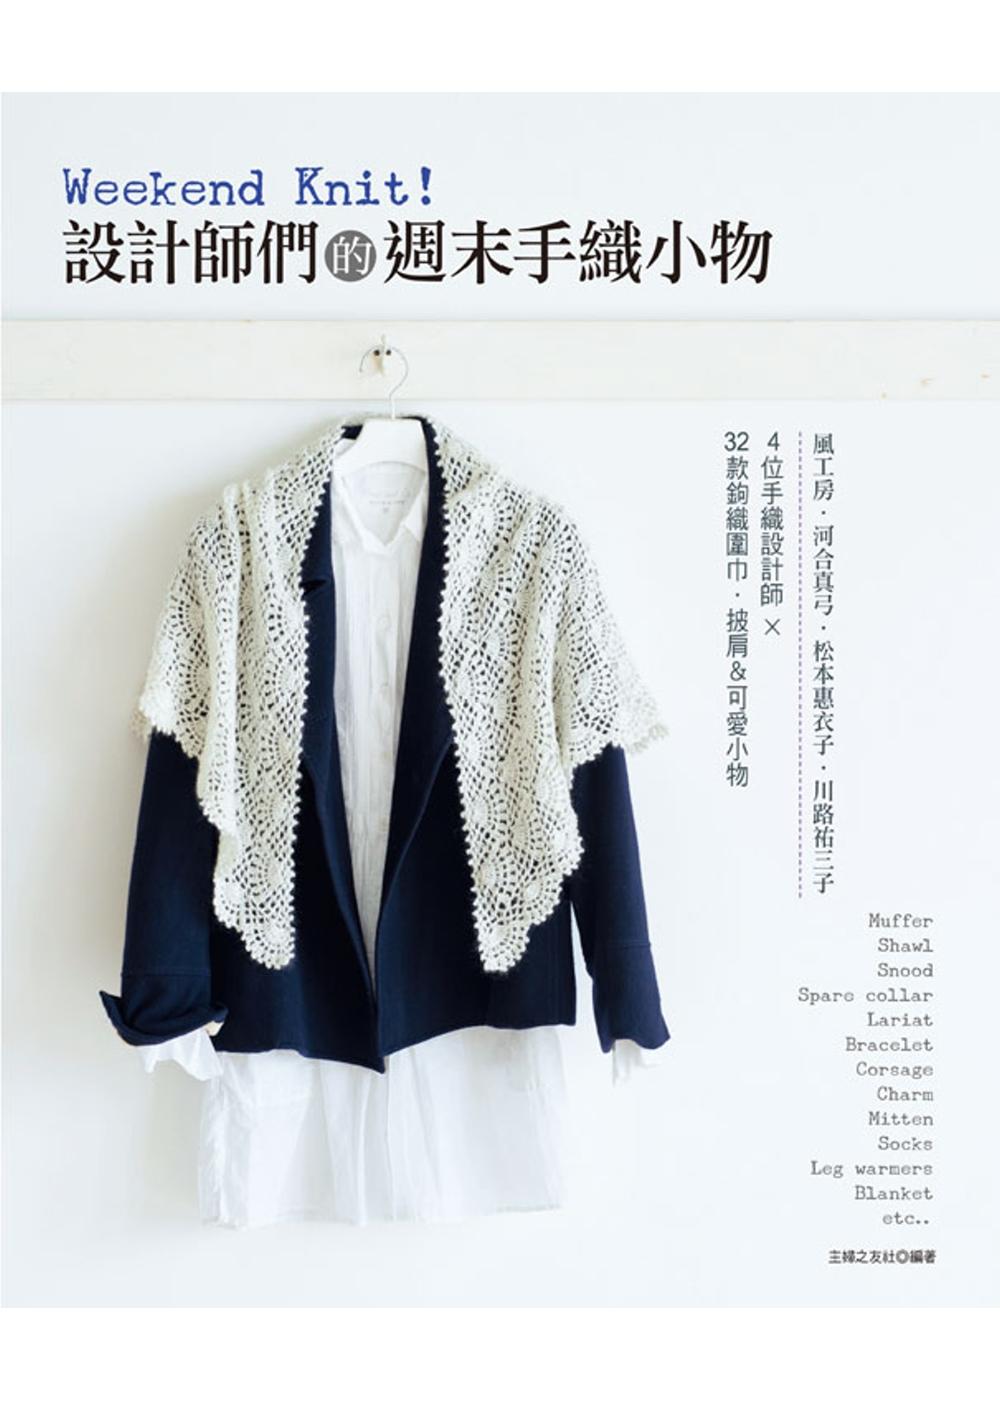 Weekend Knit^!: 師們的週末手織小物